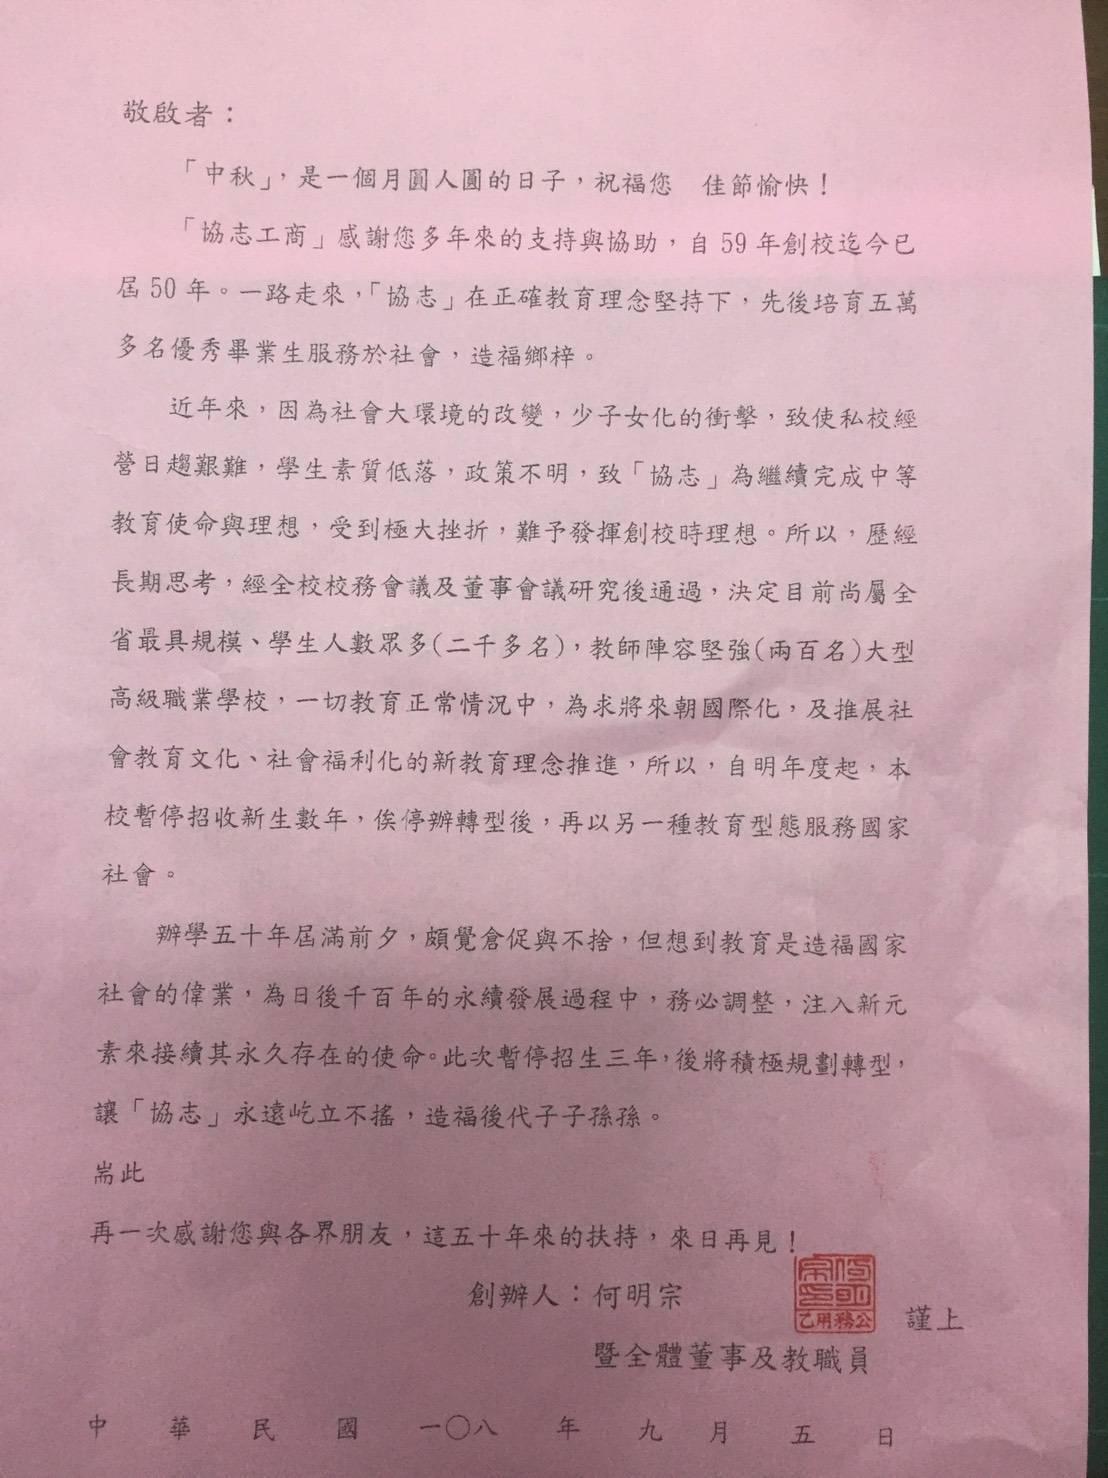 協志工商創辦人何明宗發給全校教職員公開信,說明停招轉型原因。 記者魯永明/翻攝